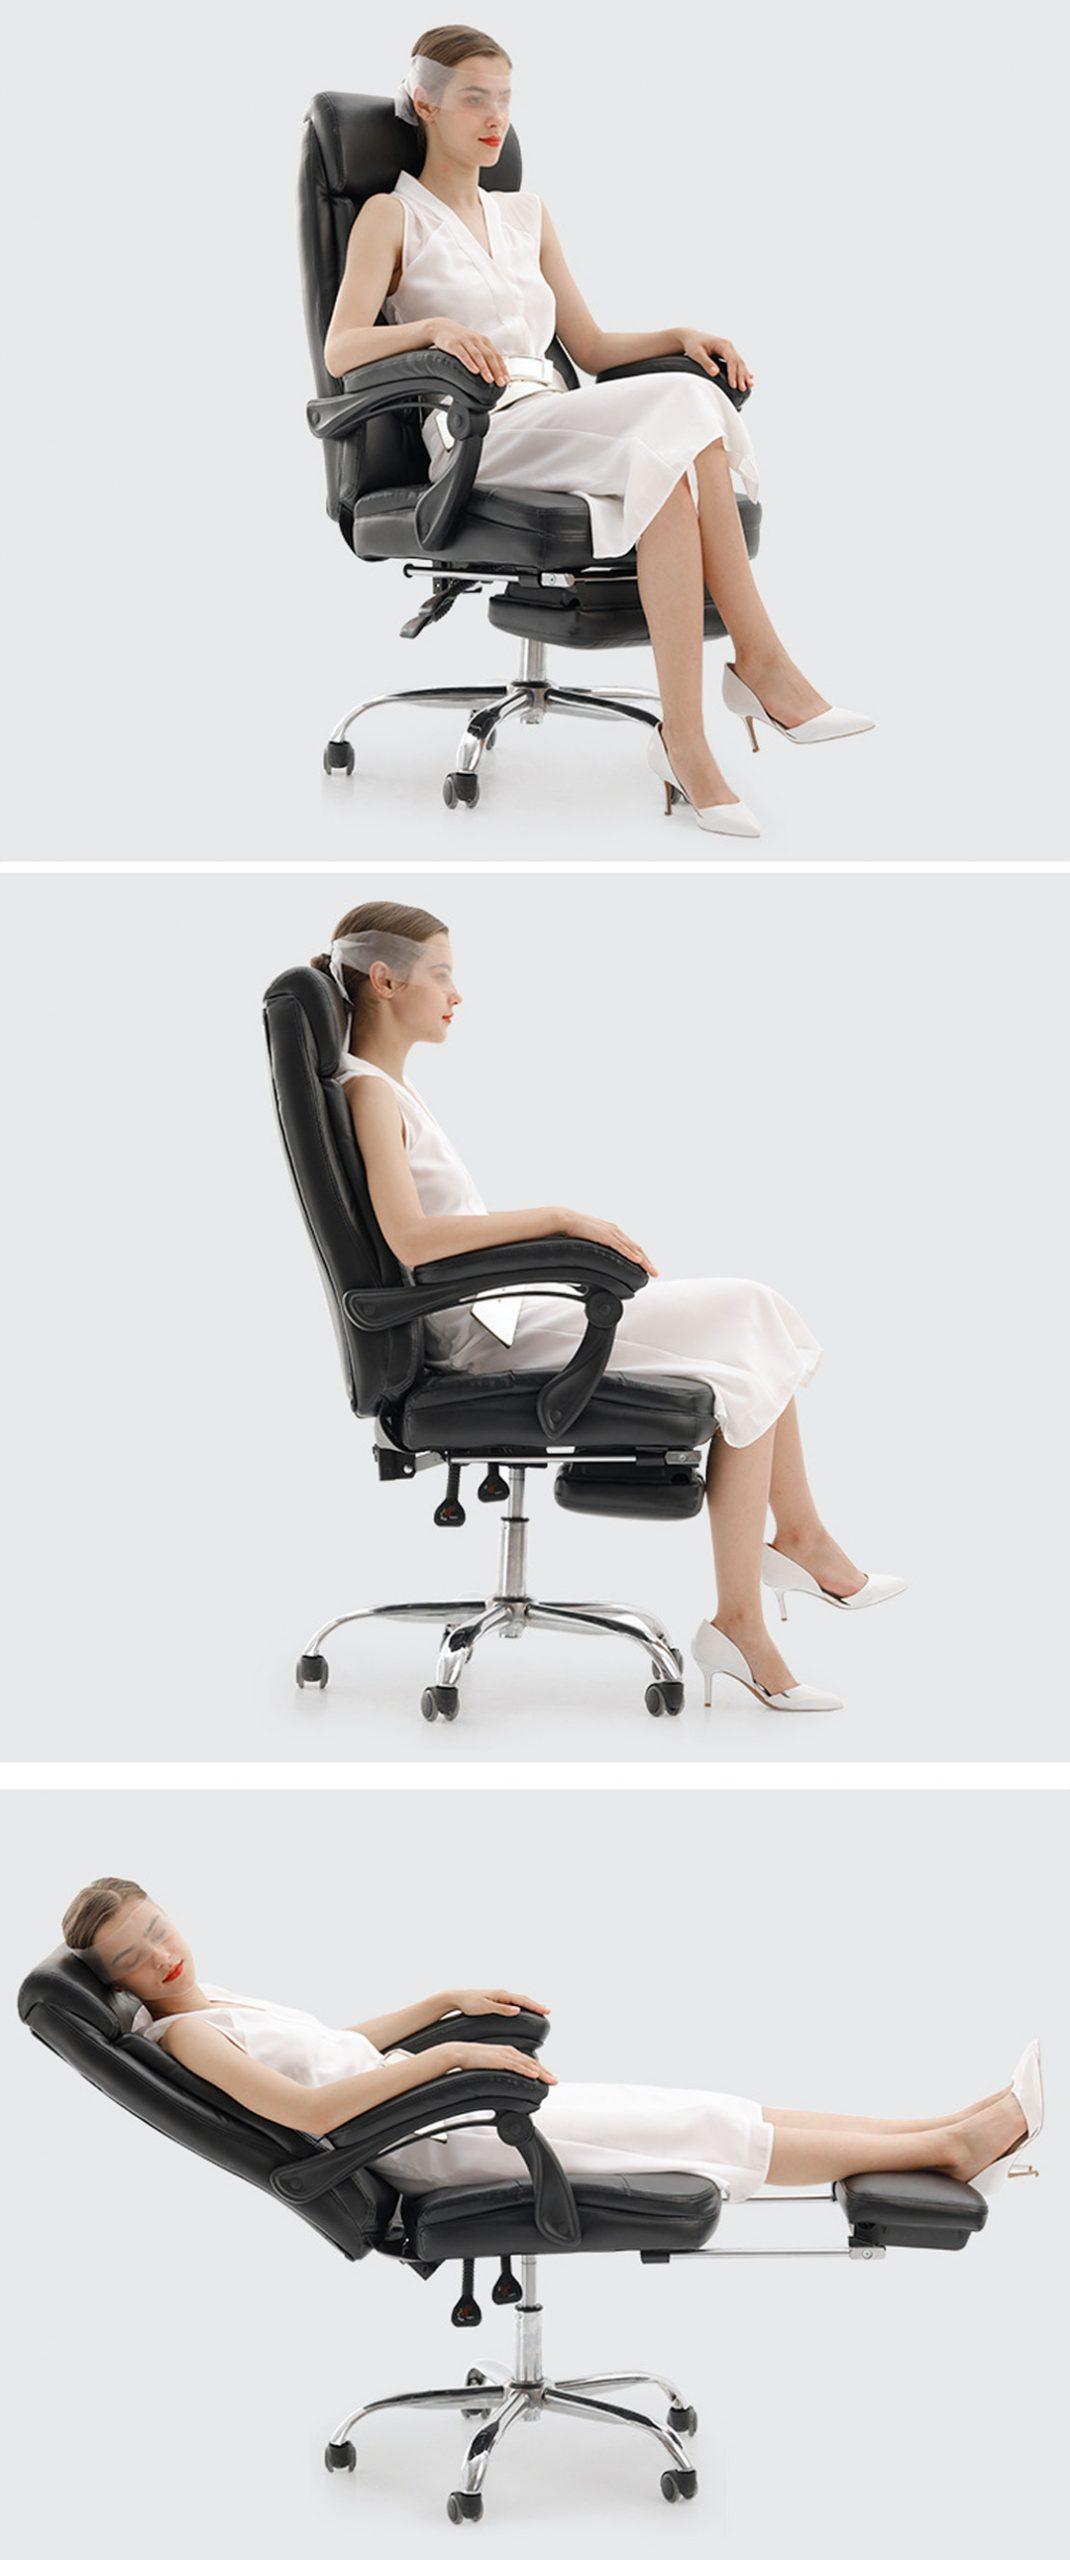 Hbada Office Boss Chair Executive Edition